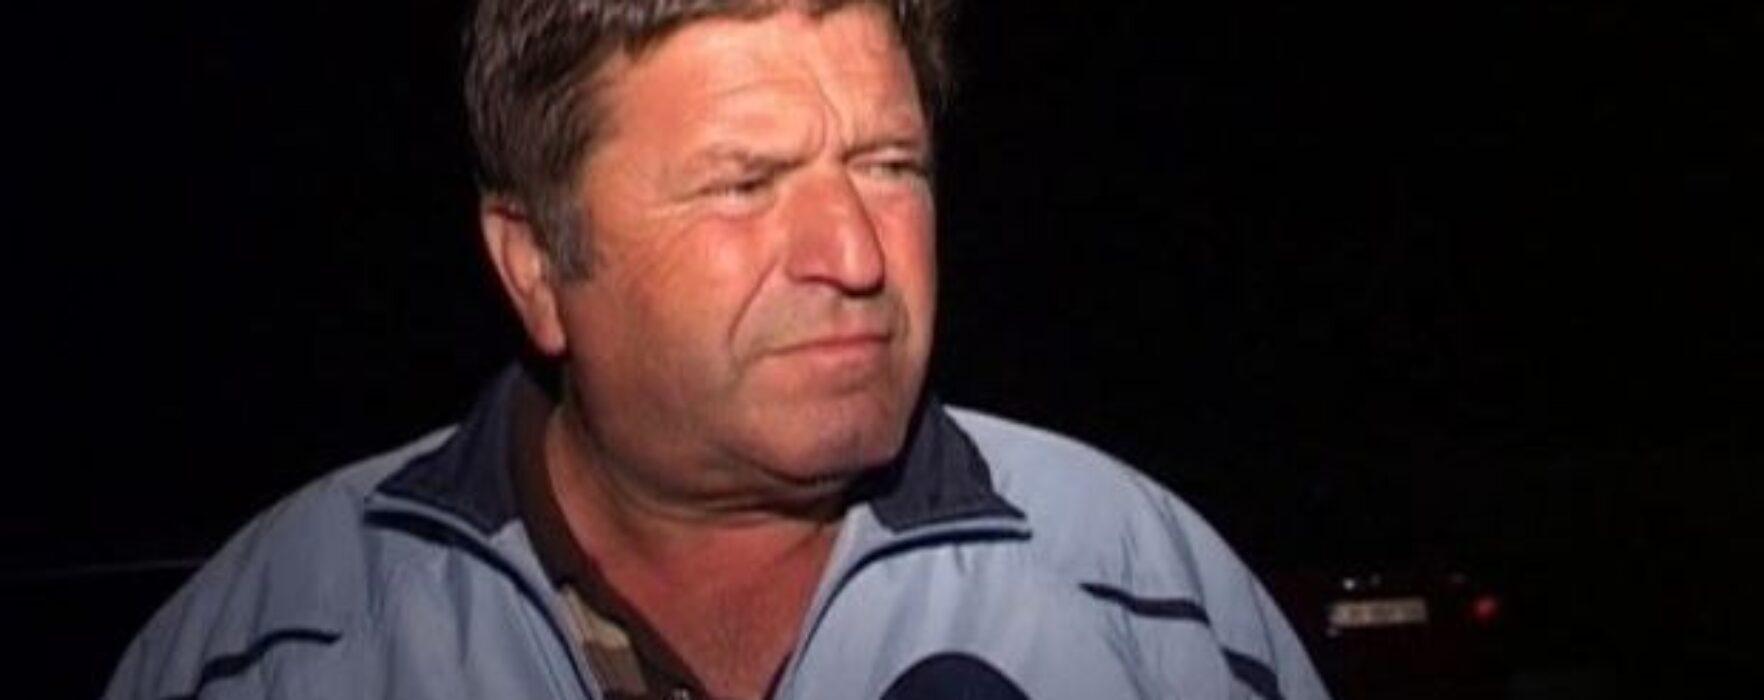 Primarul din Produleşti, Marin Grigore, condamnat la cinci ani de închisoare pentru luare de mită şi fals în înscrisuri